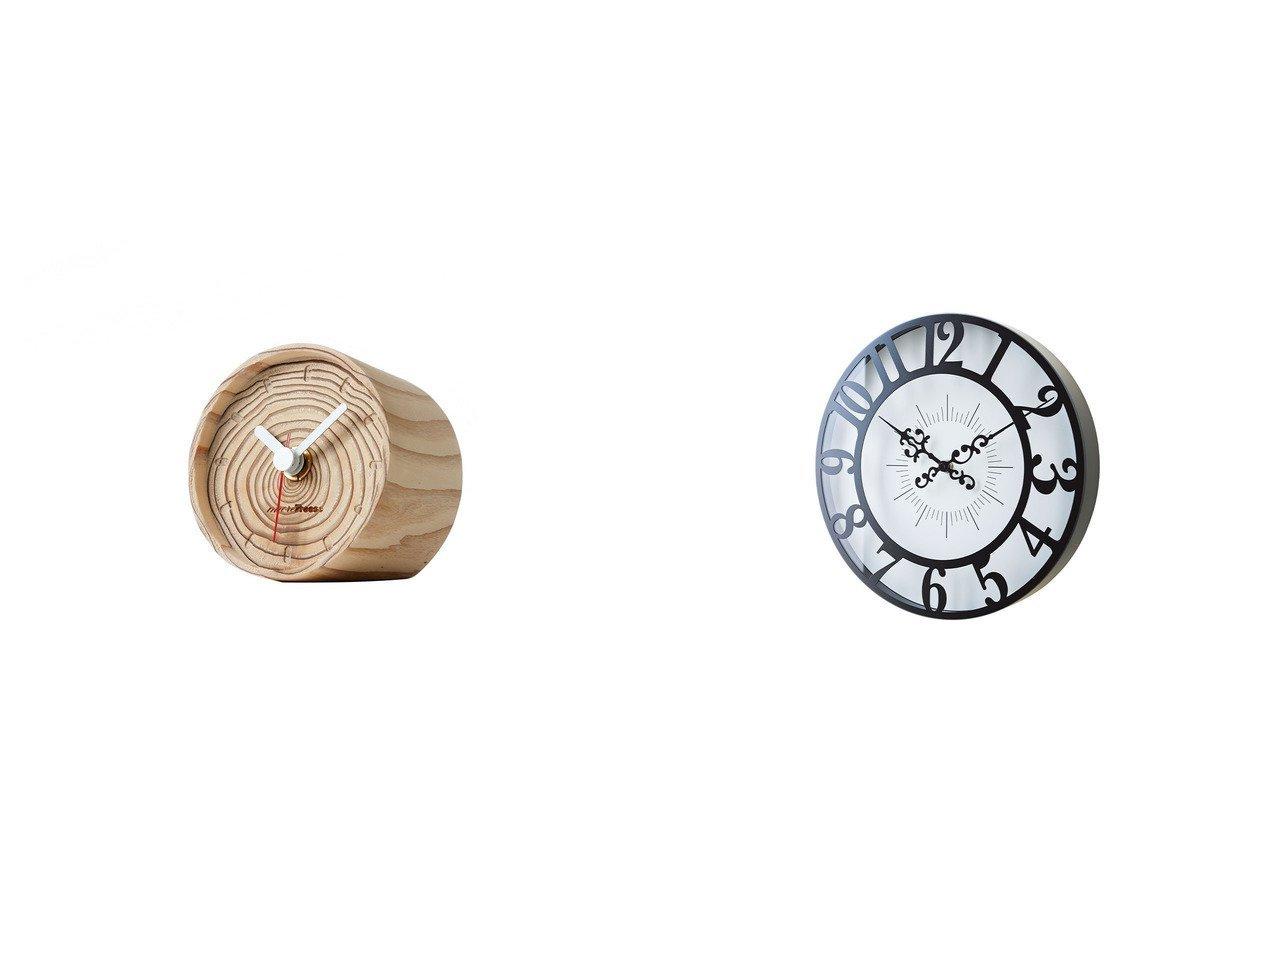 【FLYMEe Blanc/フライミー ブラン】のウォールクロック #104958&【more trees design/モア トゥリーズ デザイン】の年輪の置時計 【時計 お家時間 FURNITURE】おすすめ!人気、インテリア雑貨・家具の通販 おすすめで人気の流行・トレンド、ファッションの通販商品 インテリア・家具・メンズファッション・キッズファッション・レディースファッション・服の通販 founy(ファニー) https://founy.com/ 時計  ID:crp329100000054319